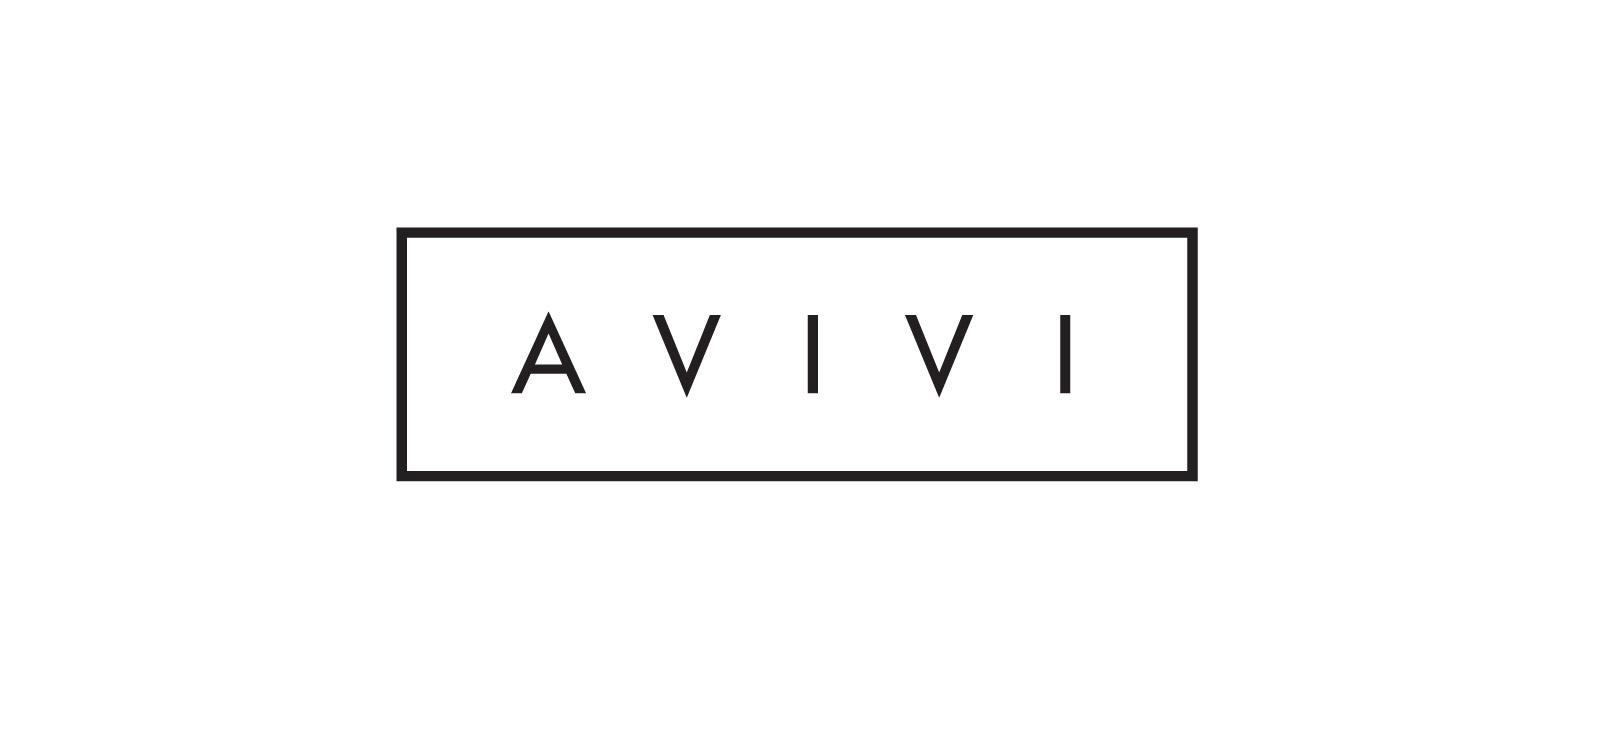 mslk-avivi-logo